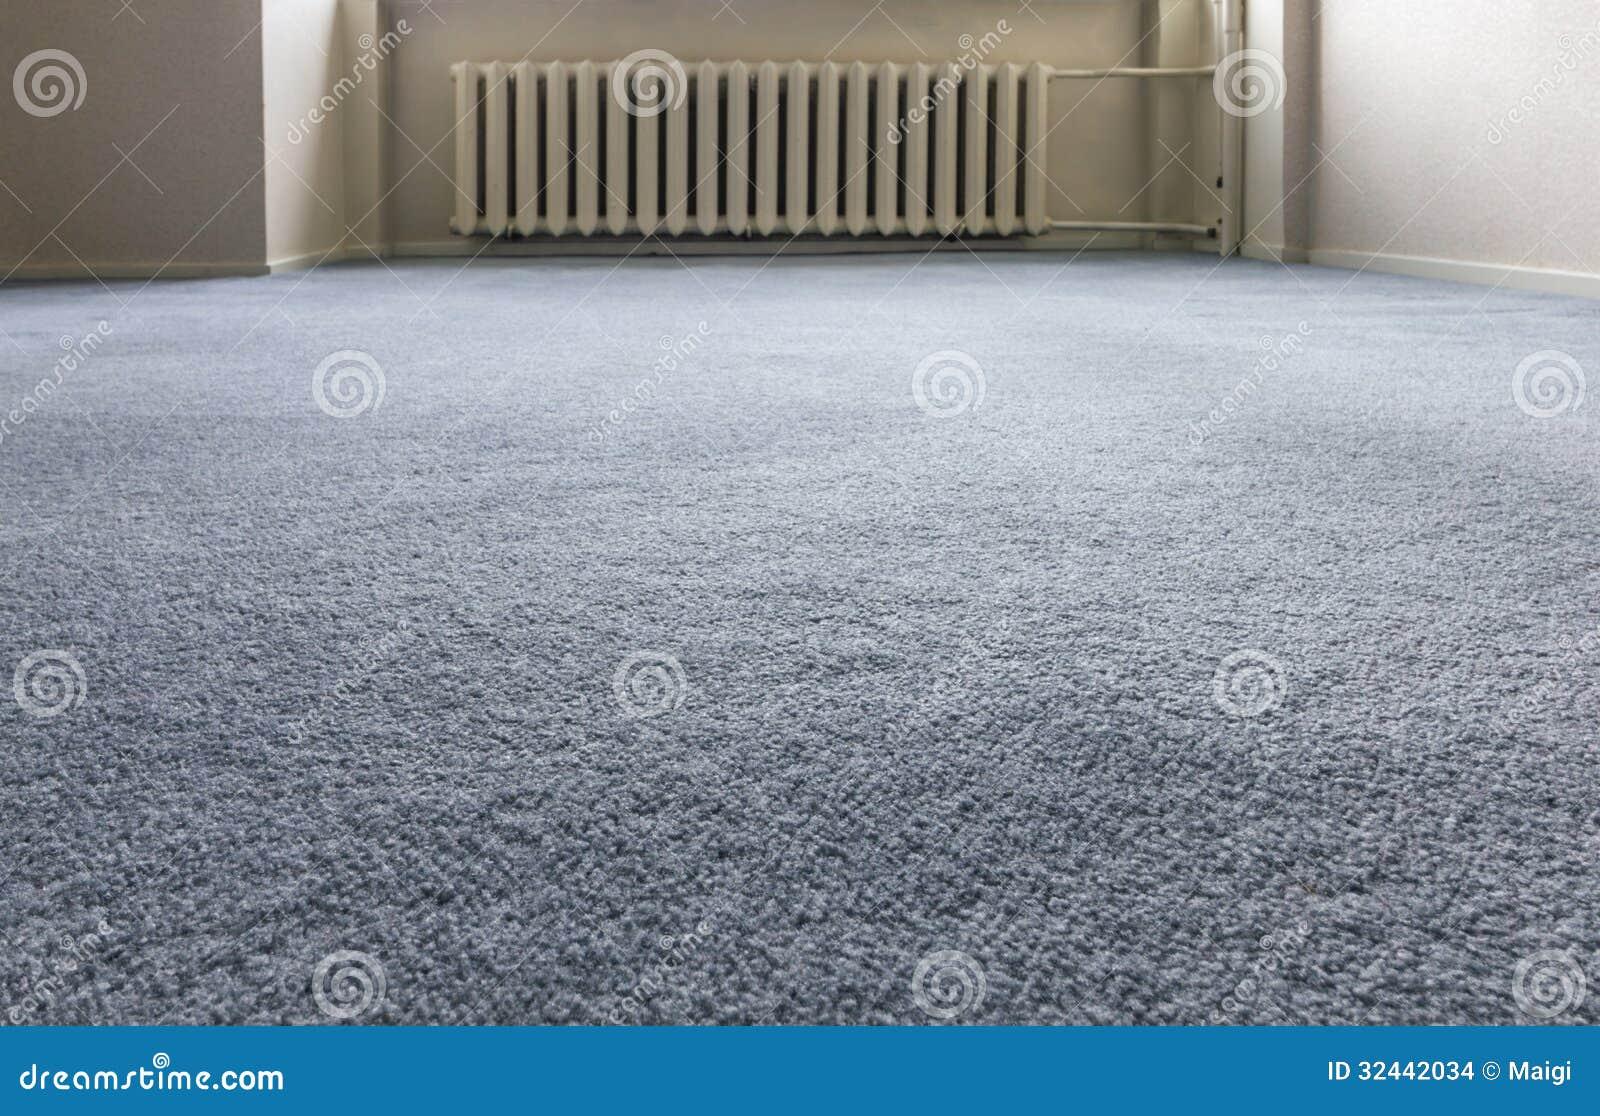 Blue Carpet Floor